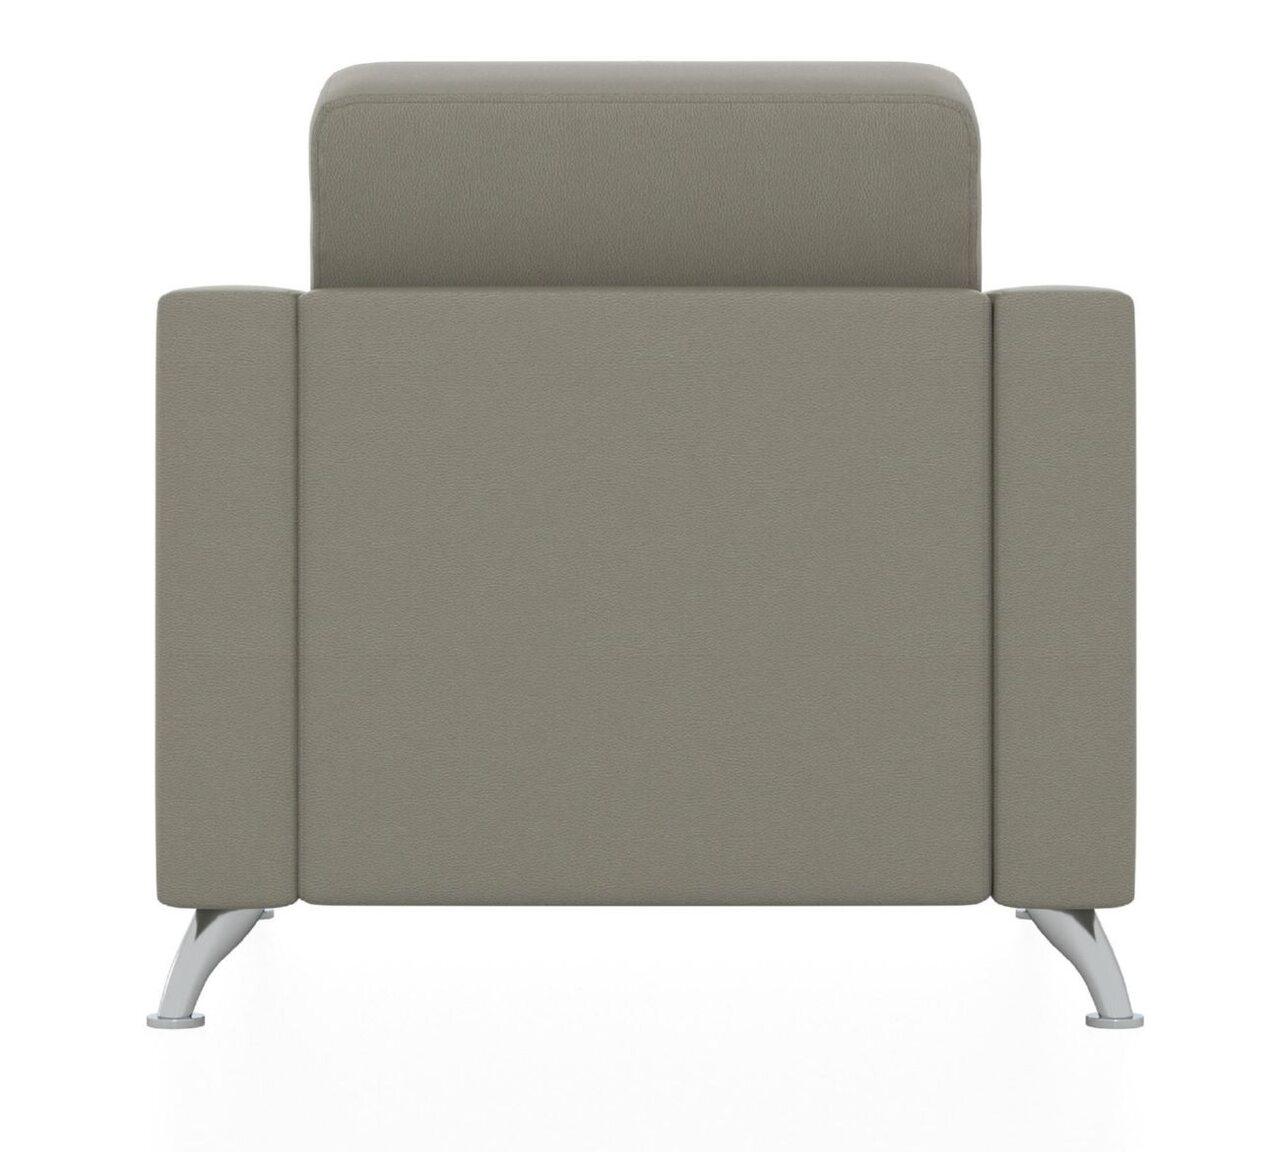 Кресло  РОЛЬФ 89x85x84 - фото 2